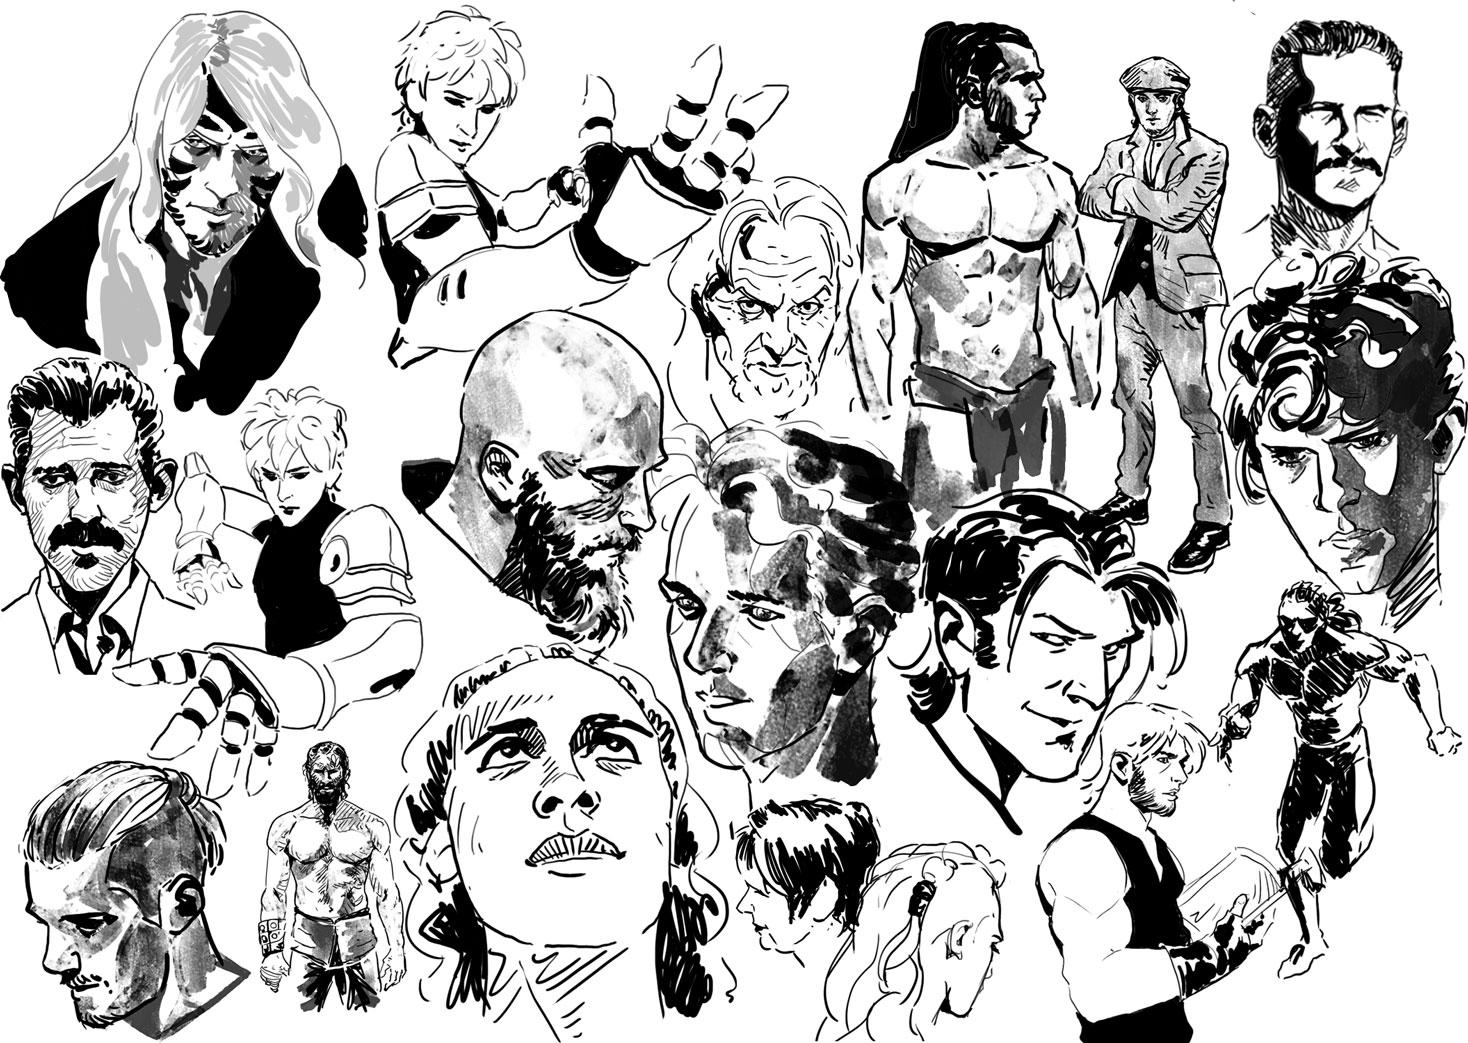 Galerie de dessins, illustrations, divers travaux...  - Page 6 1525554383-sketchs